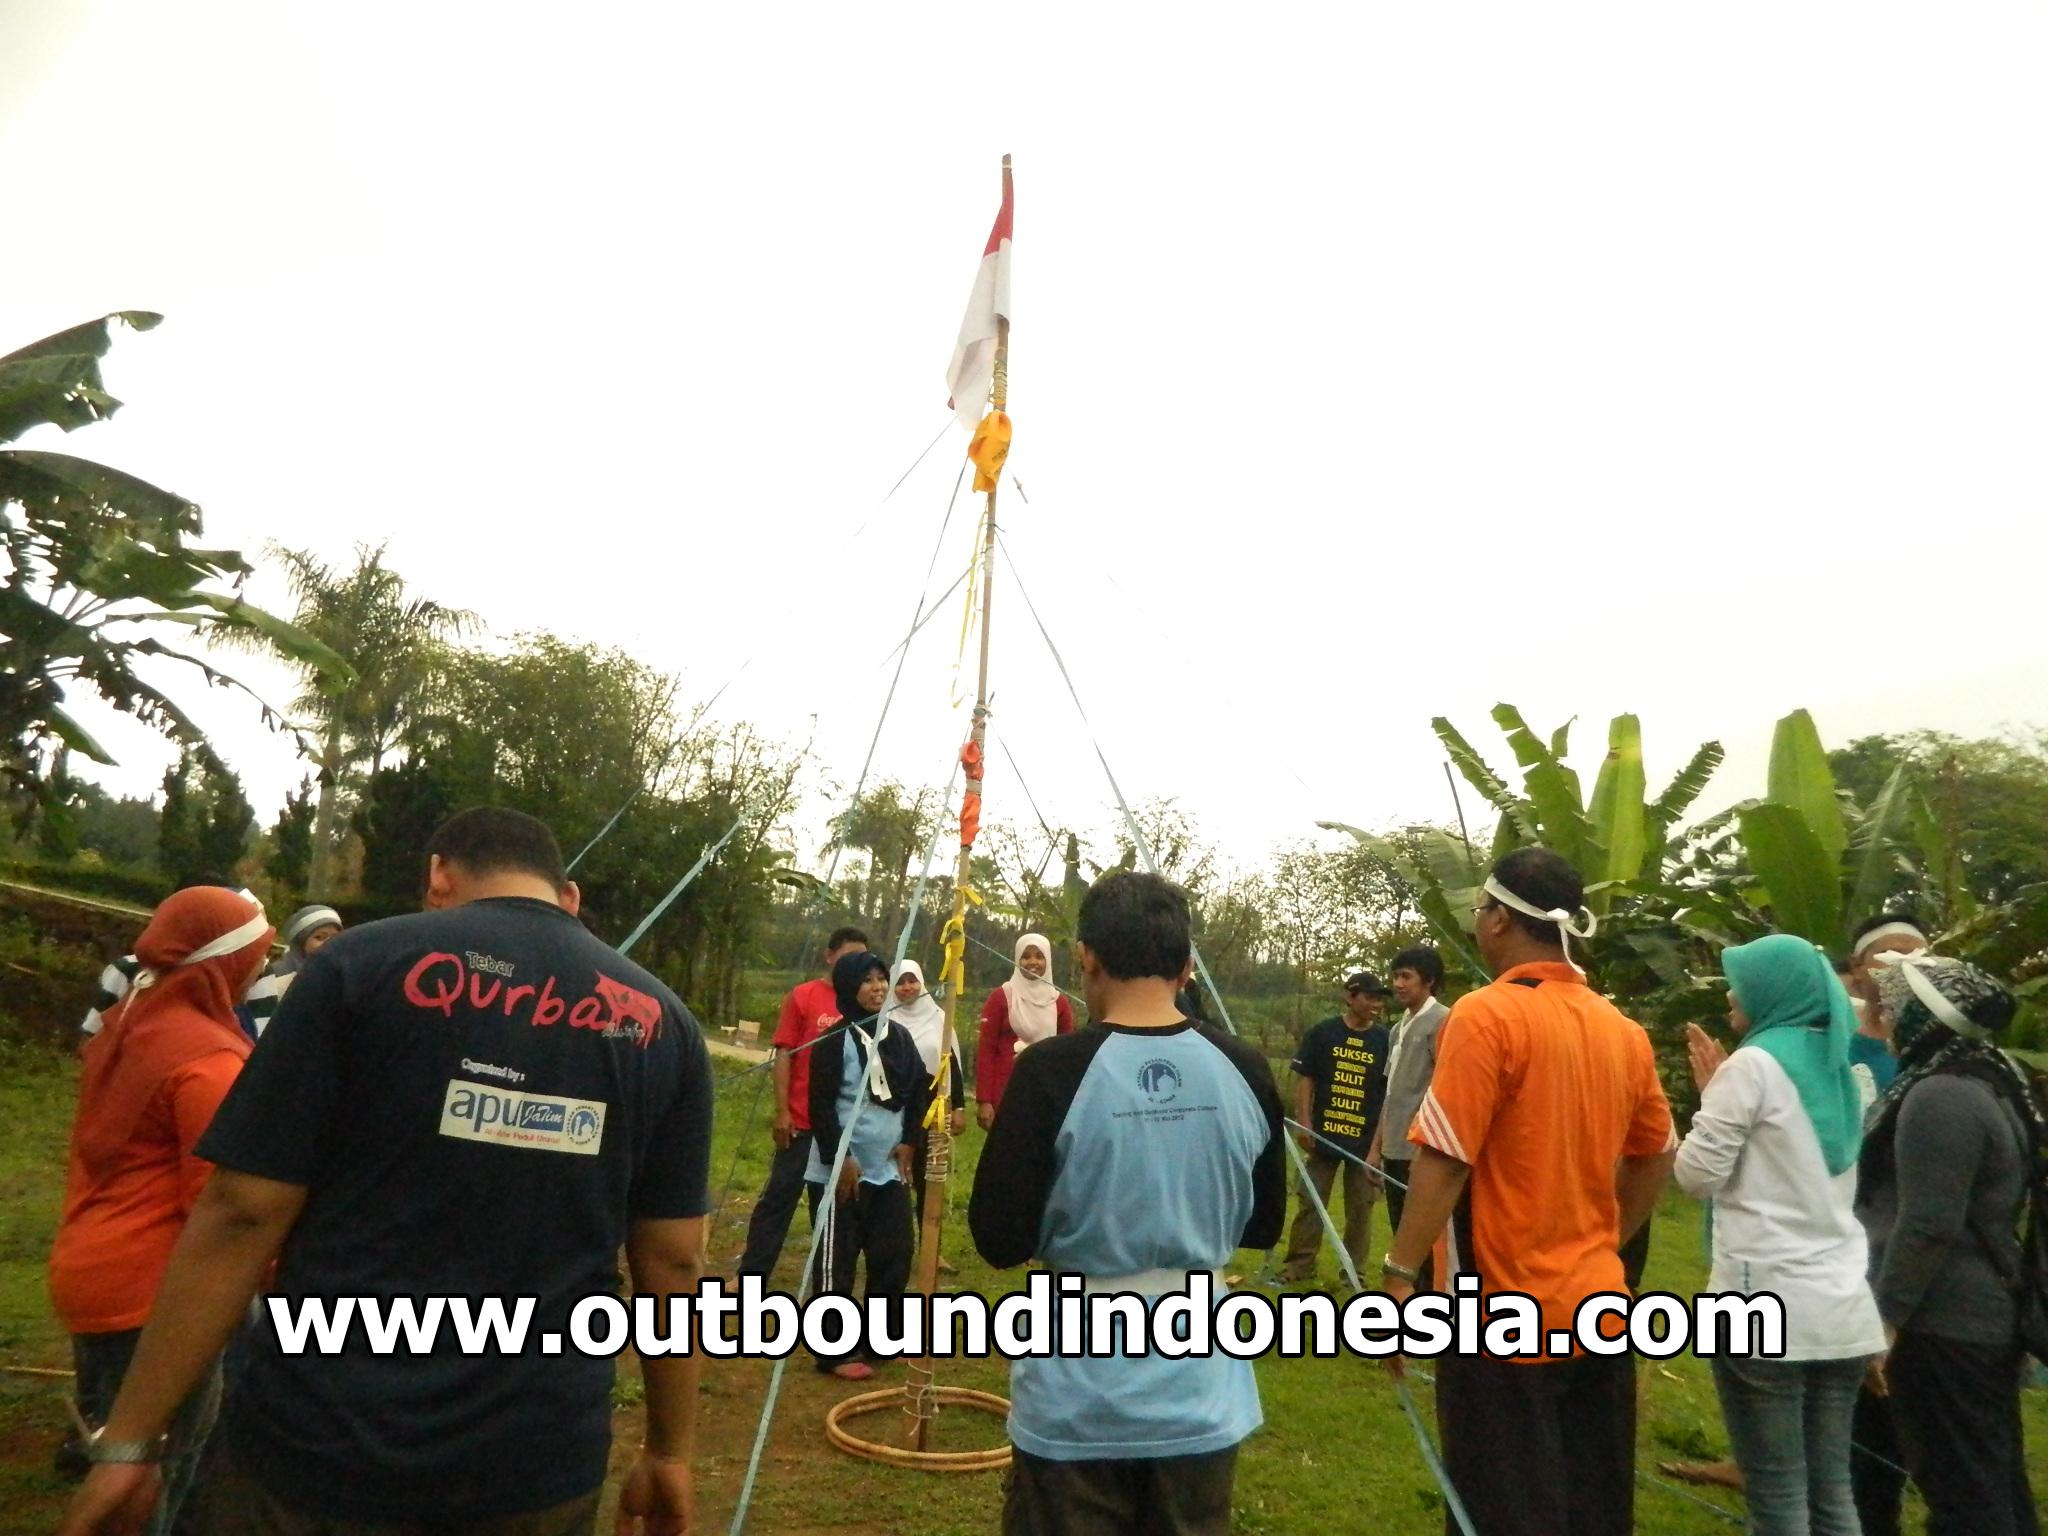 outbound di trawas, http://www.outboundindonesia.com, 081 287 000 995